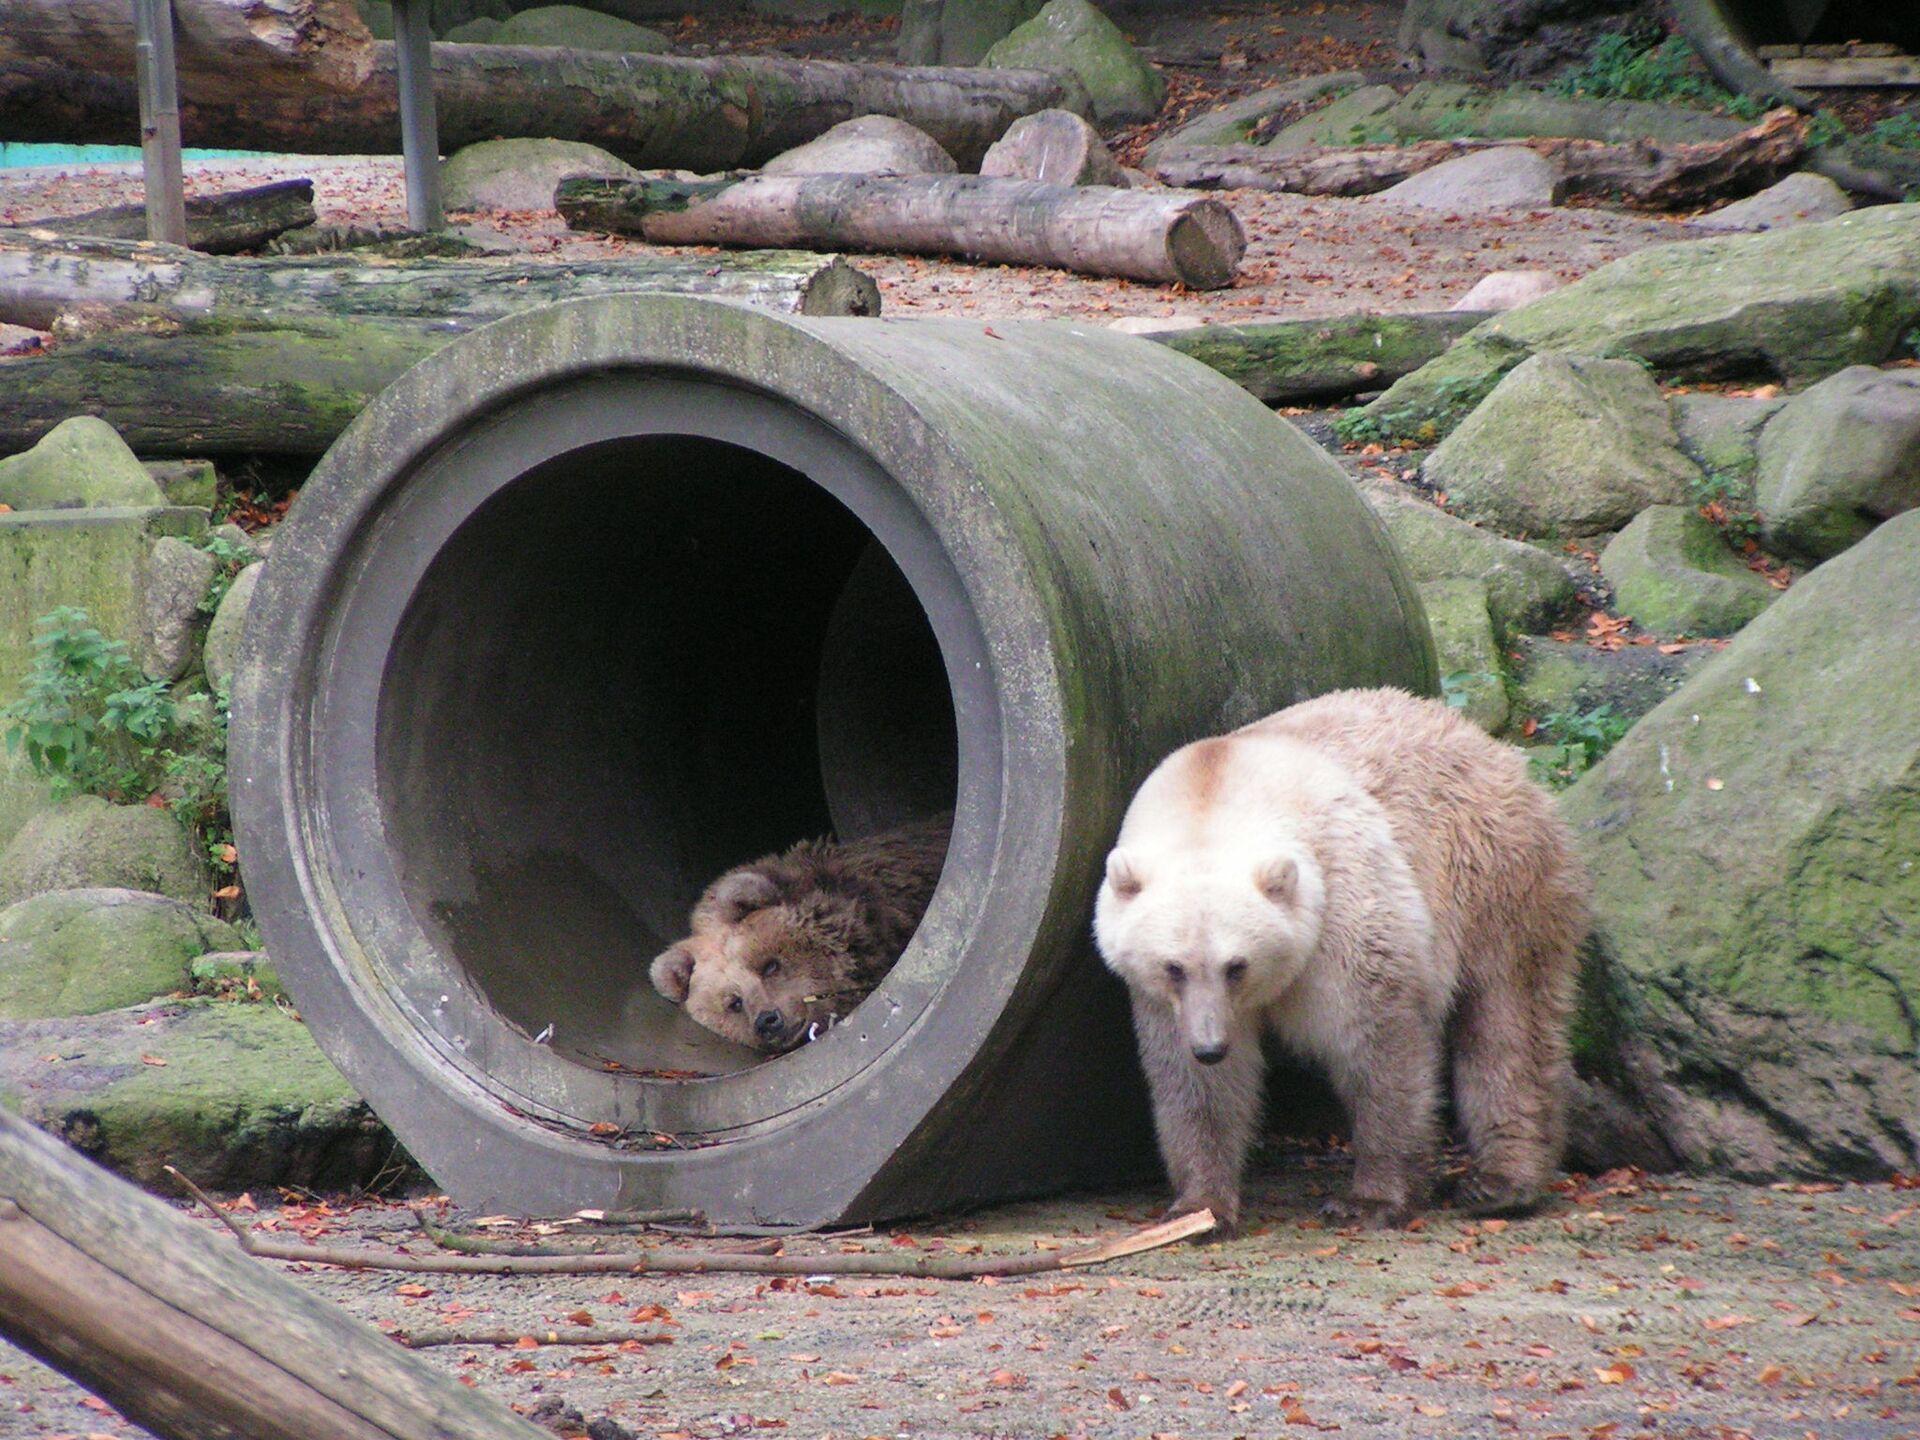 Ibrido di orso bianco e marrone allo zoo di Osnabrück - Sputnik Italia, 1920, 18.05.2021